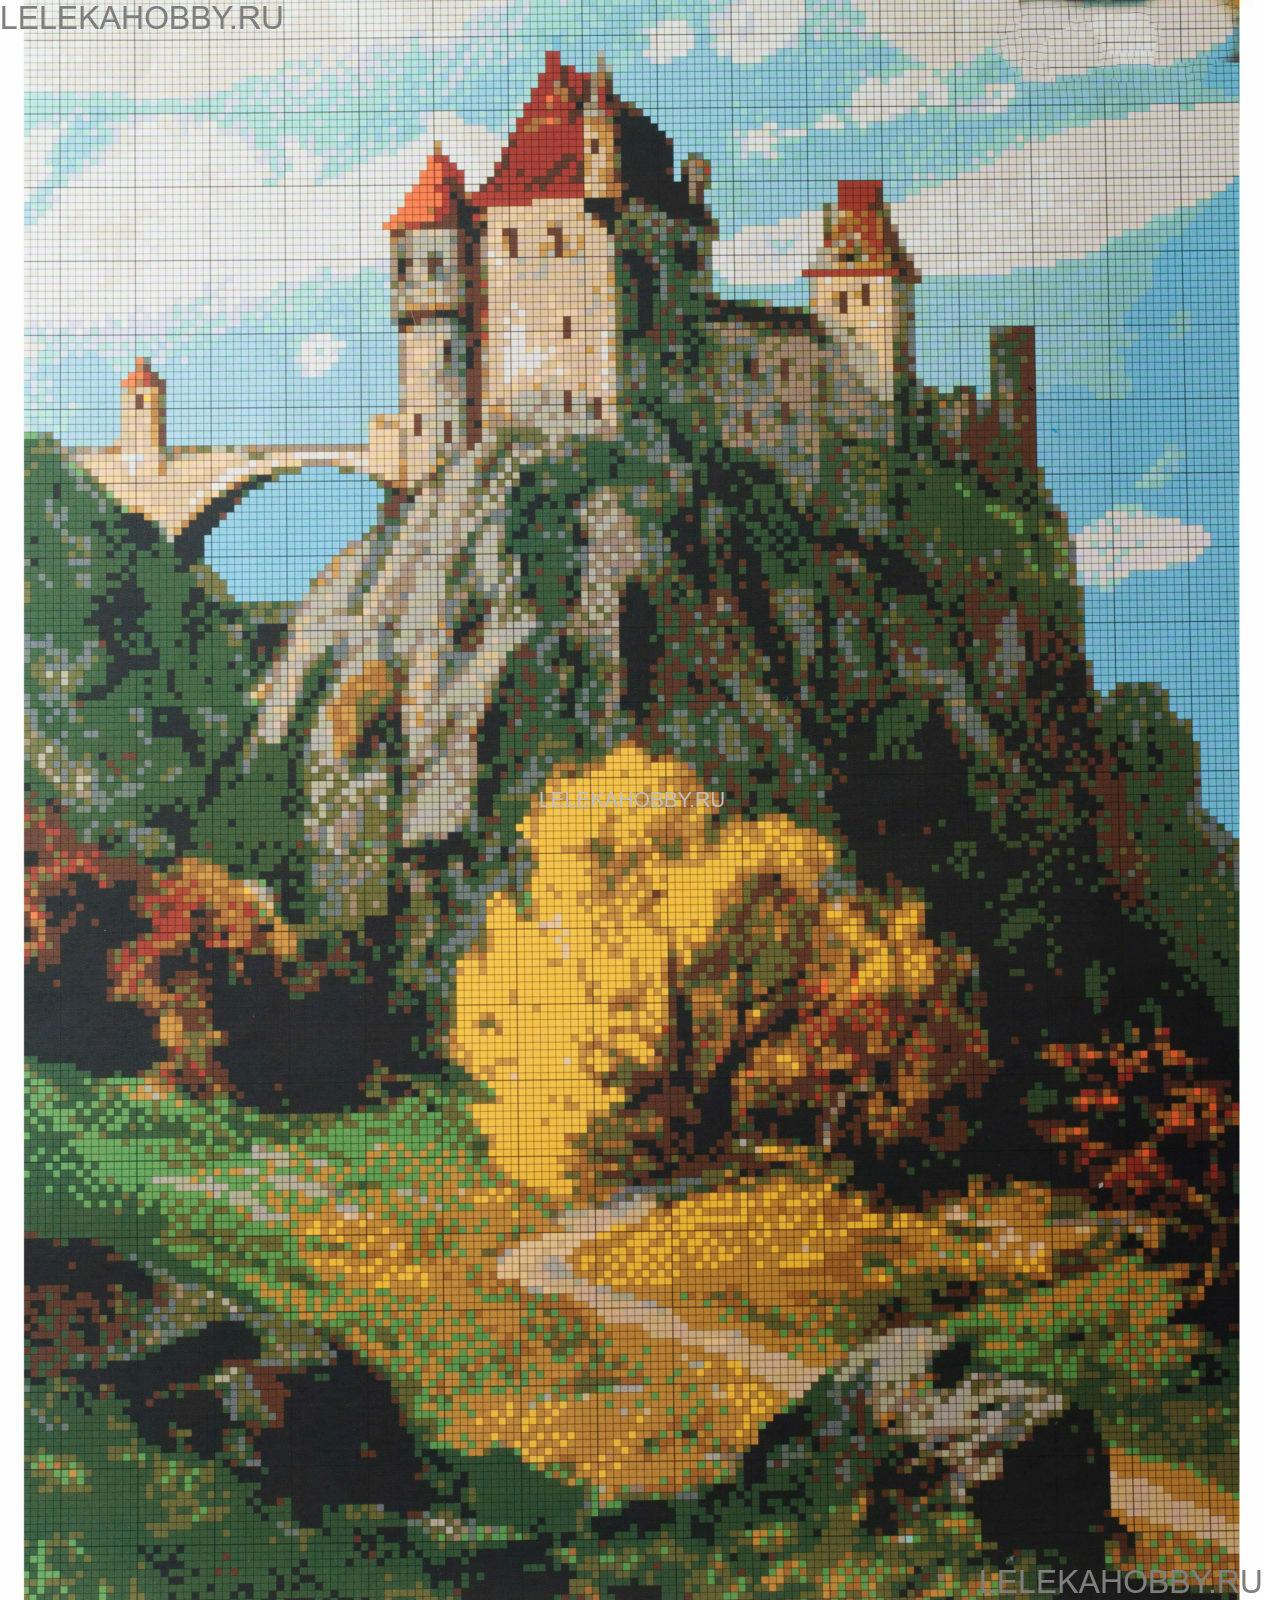 Вышивка крестом горы замок